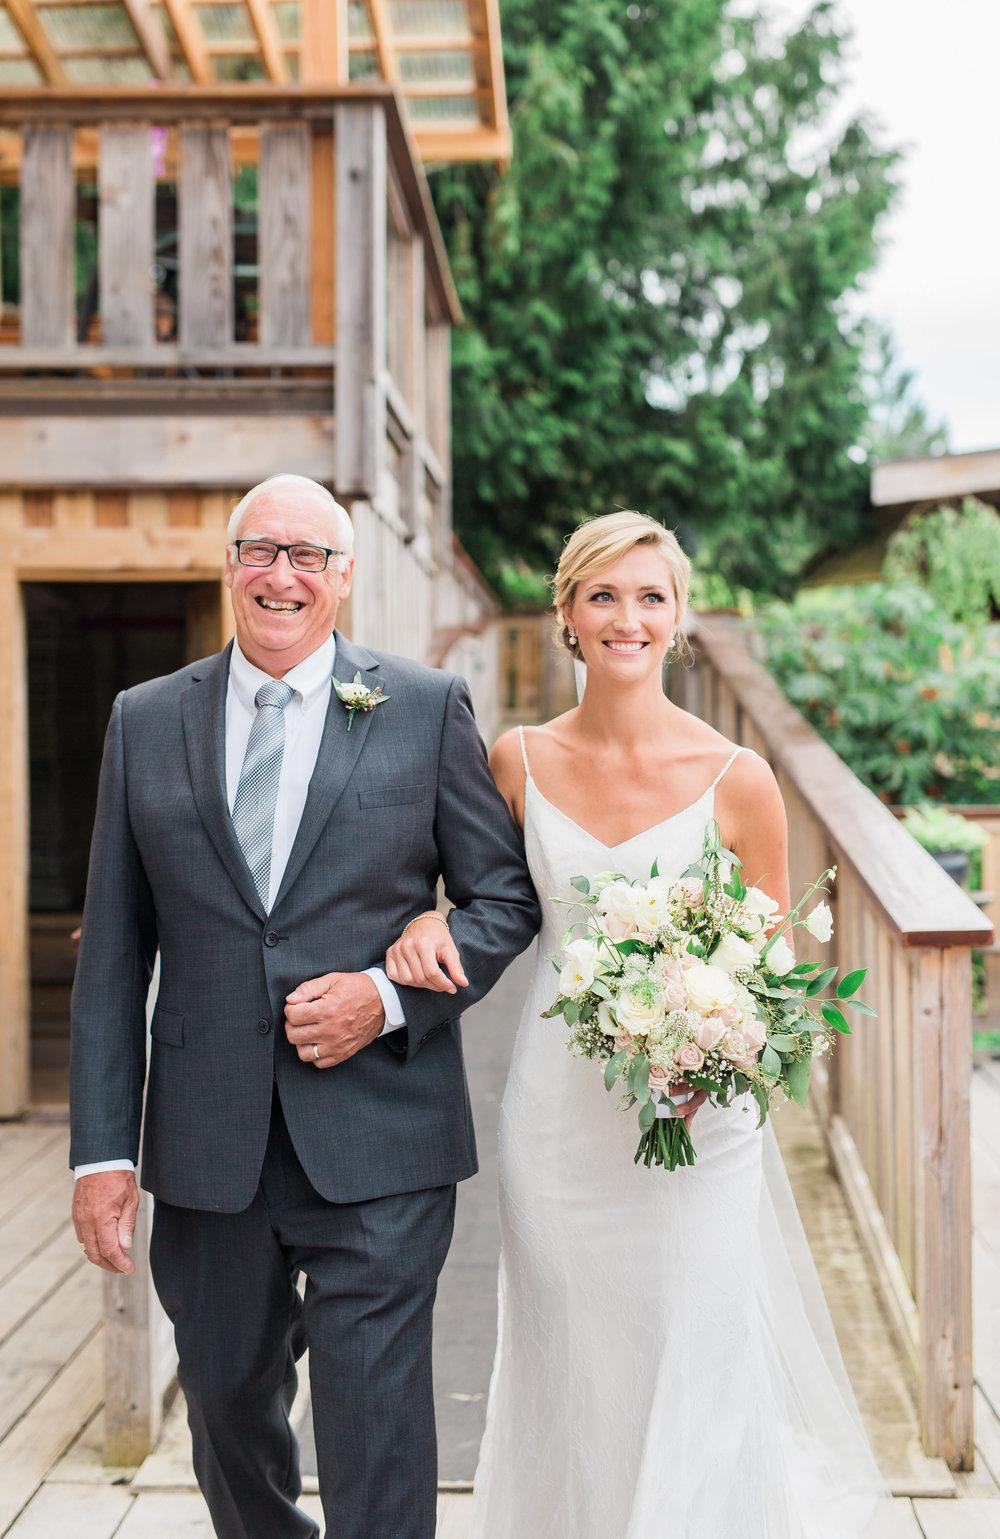 West Coast Wilderness Lodge Wedding - Jennife Picard Photography - Sunshine Coast Wedding Photographer - Vancouver Wedding PhotographerIMG_2363.jpg